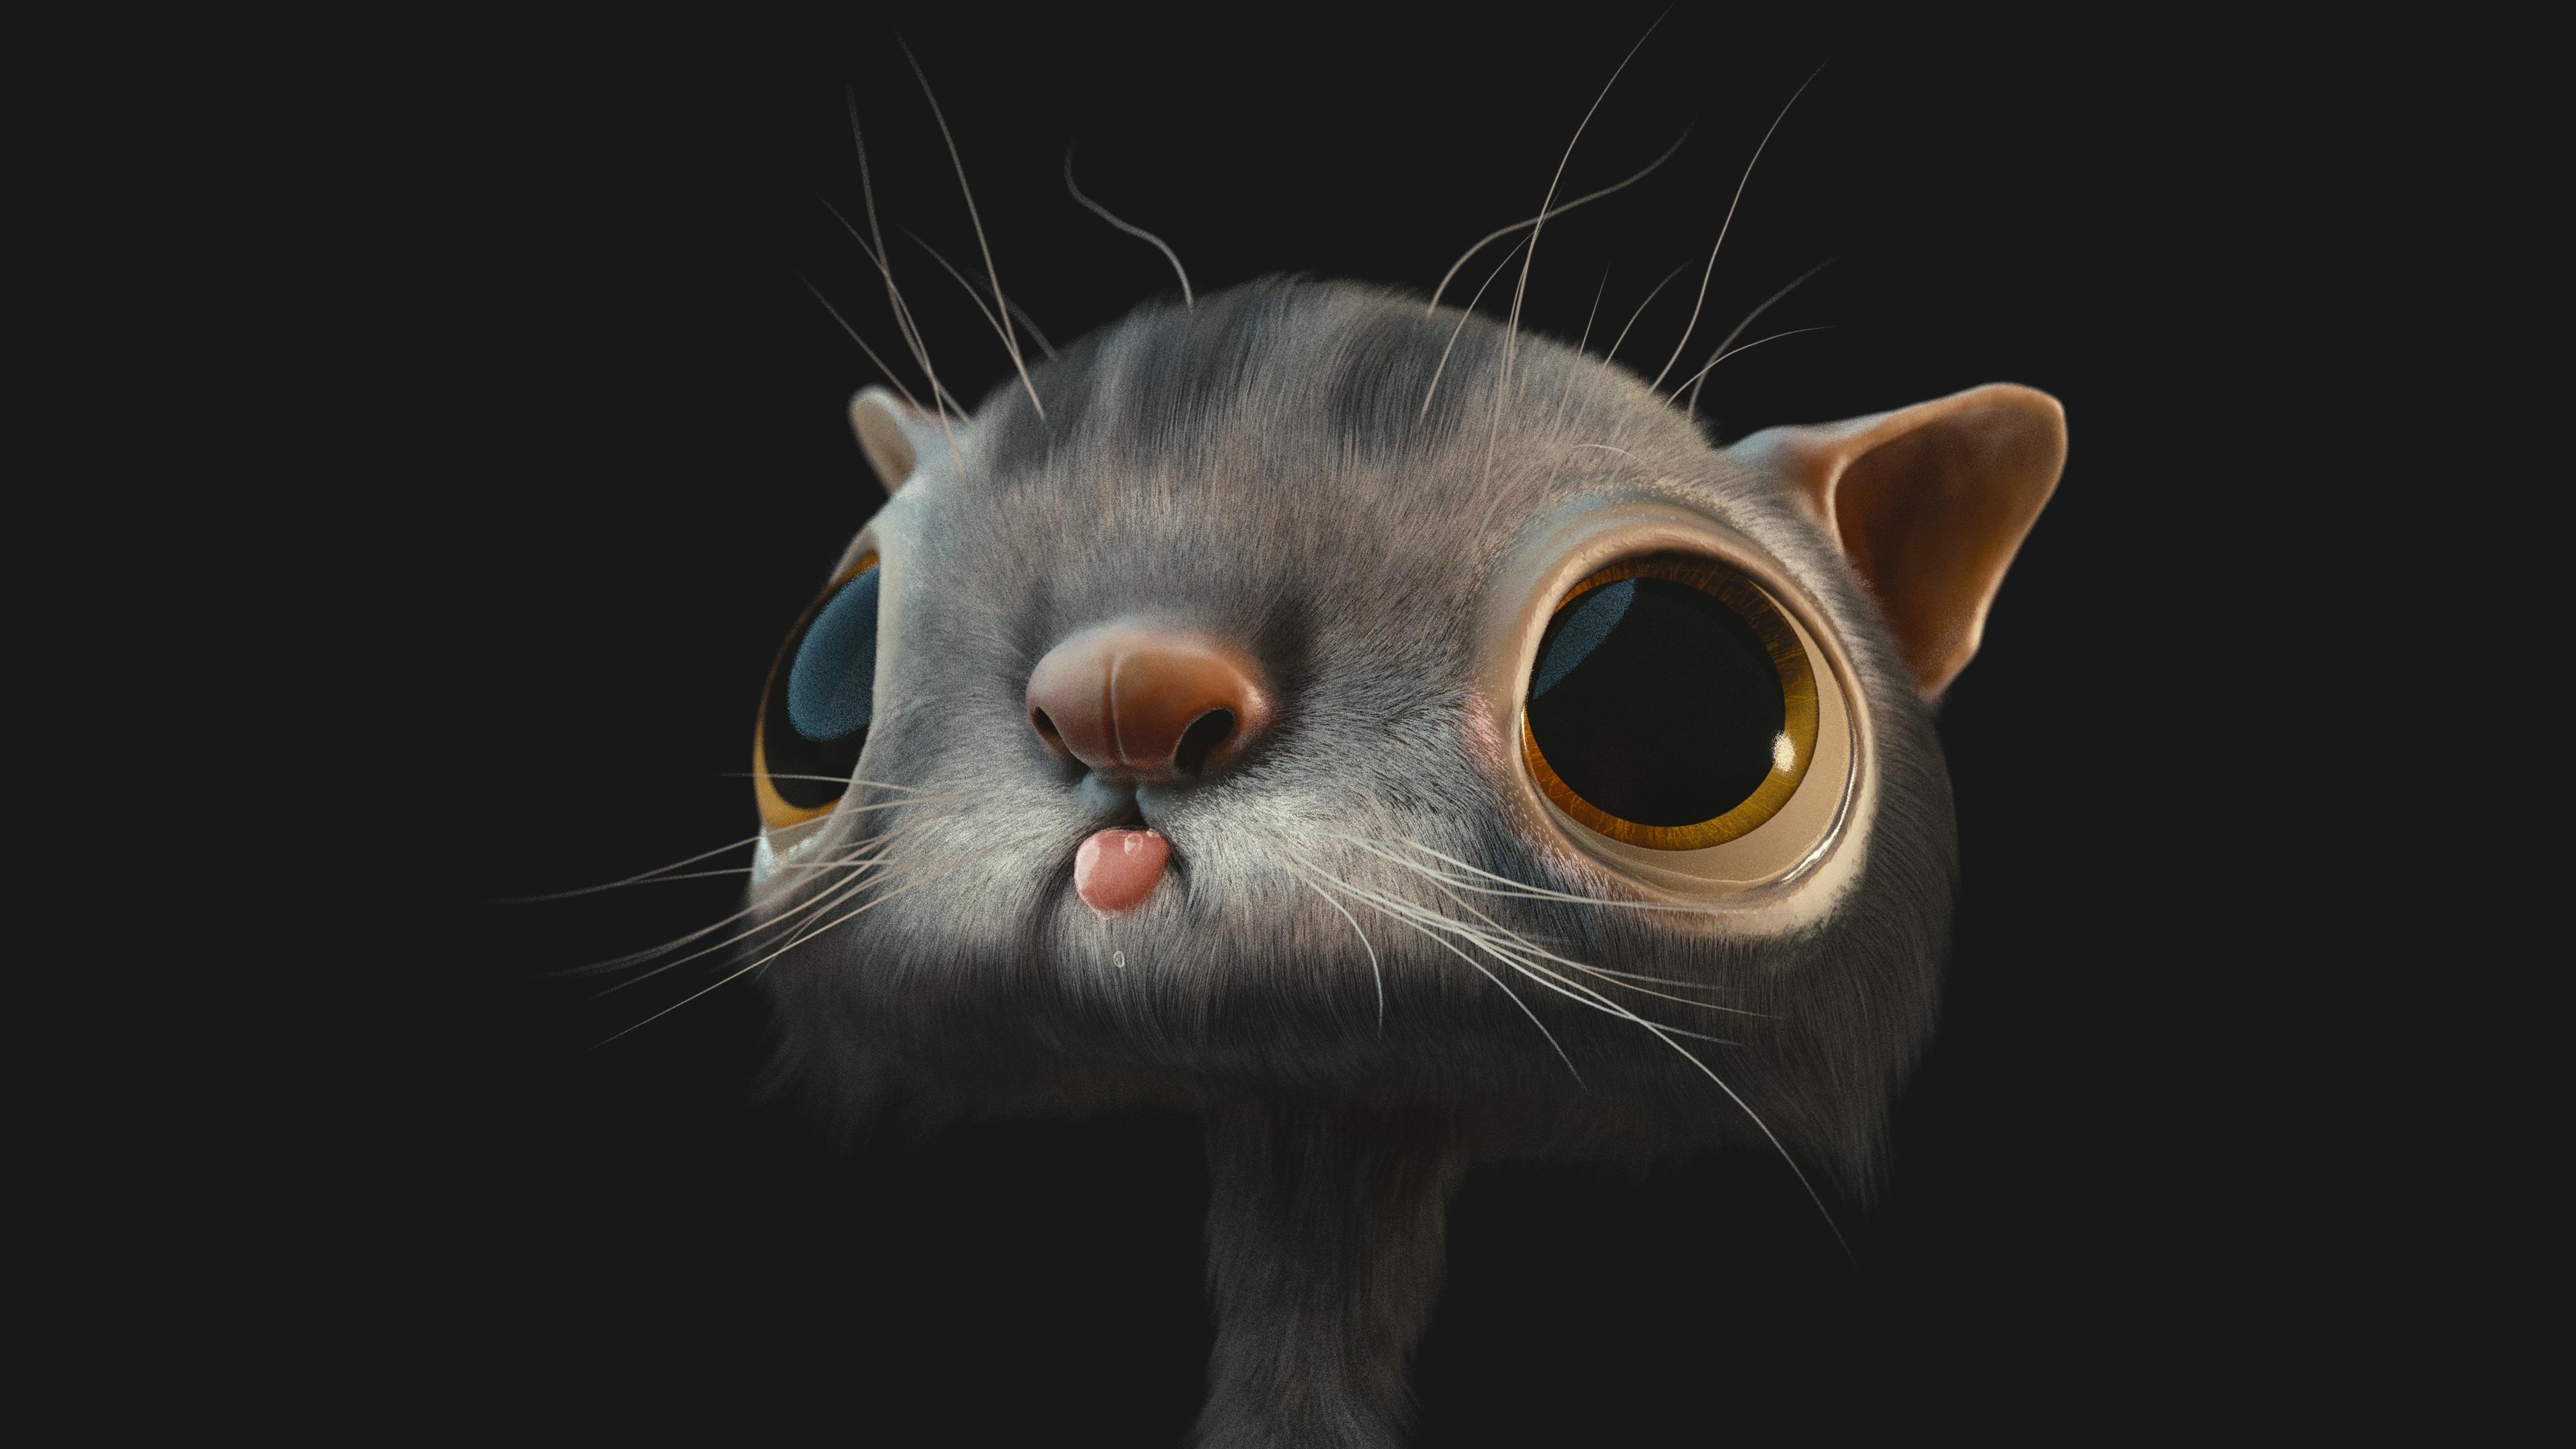 3d cat hd 3d 4k wallpapers images backgrounds photos for Fond ecran drole